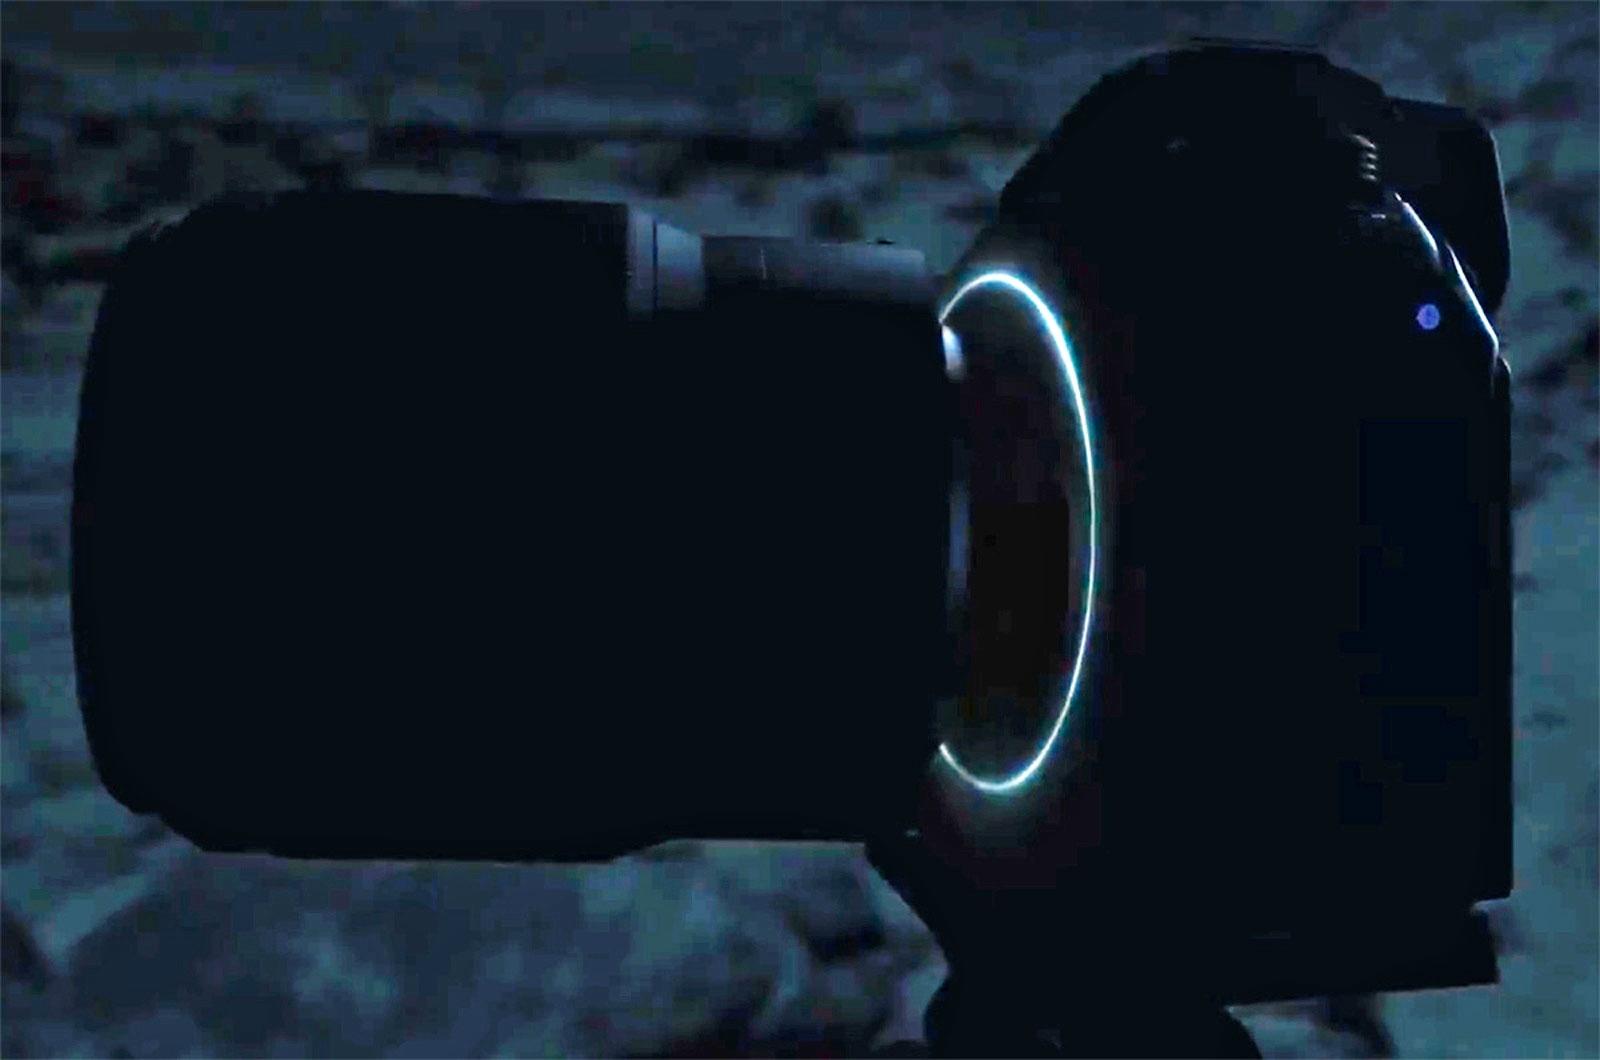 Η Nikon ανακοινώνει την αρχή μίας νέας Εποχής